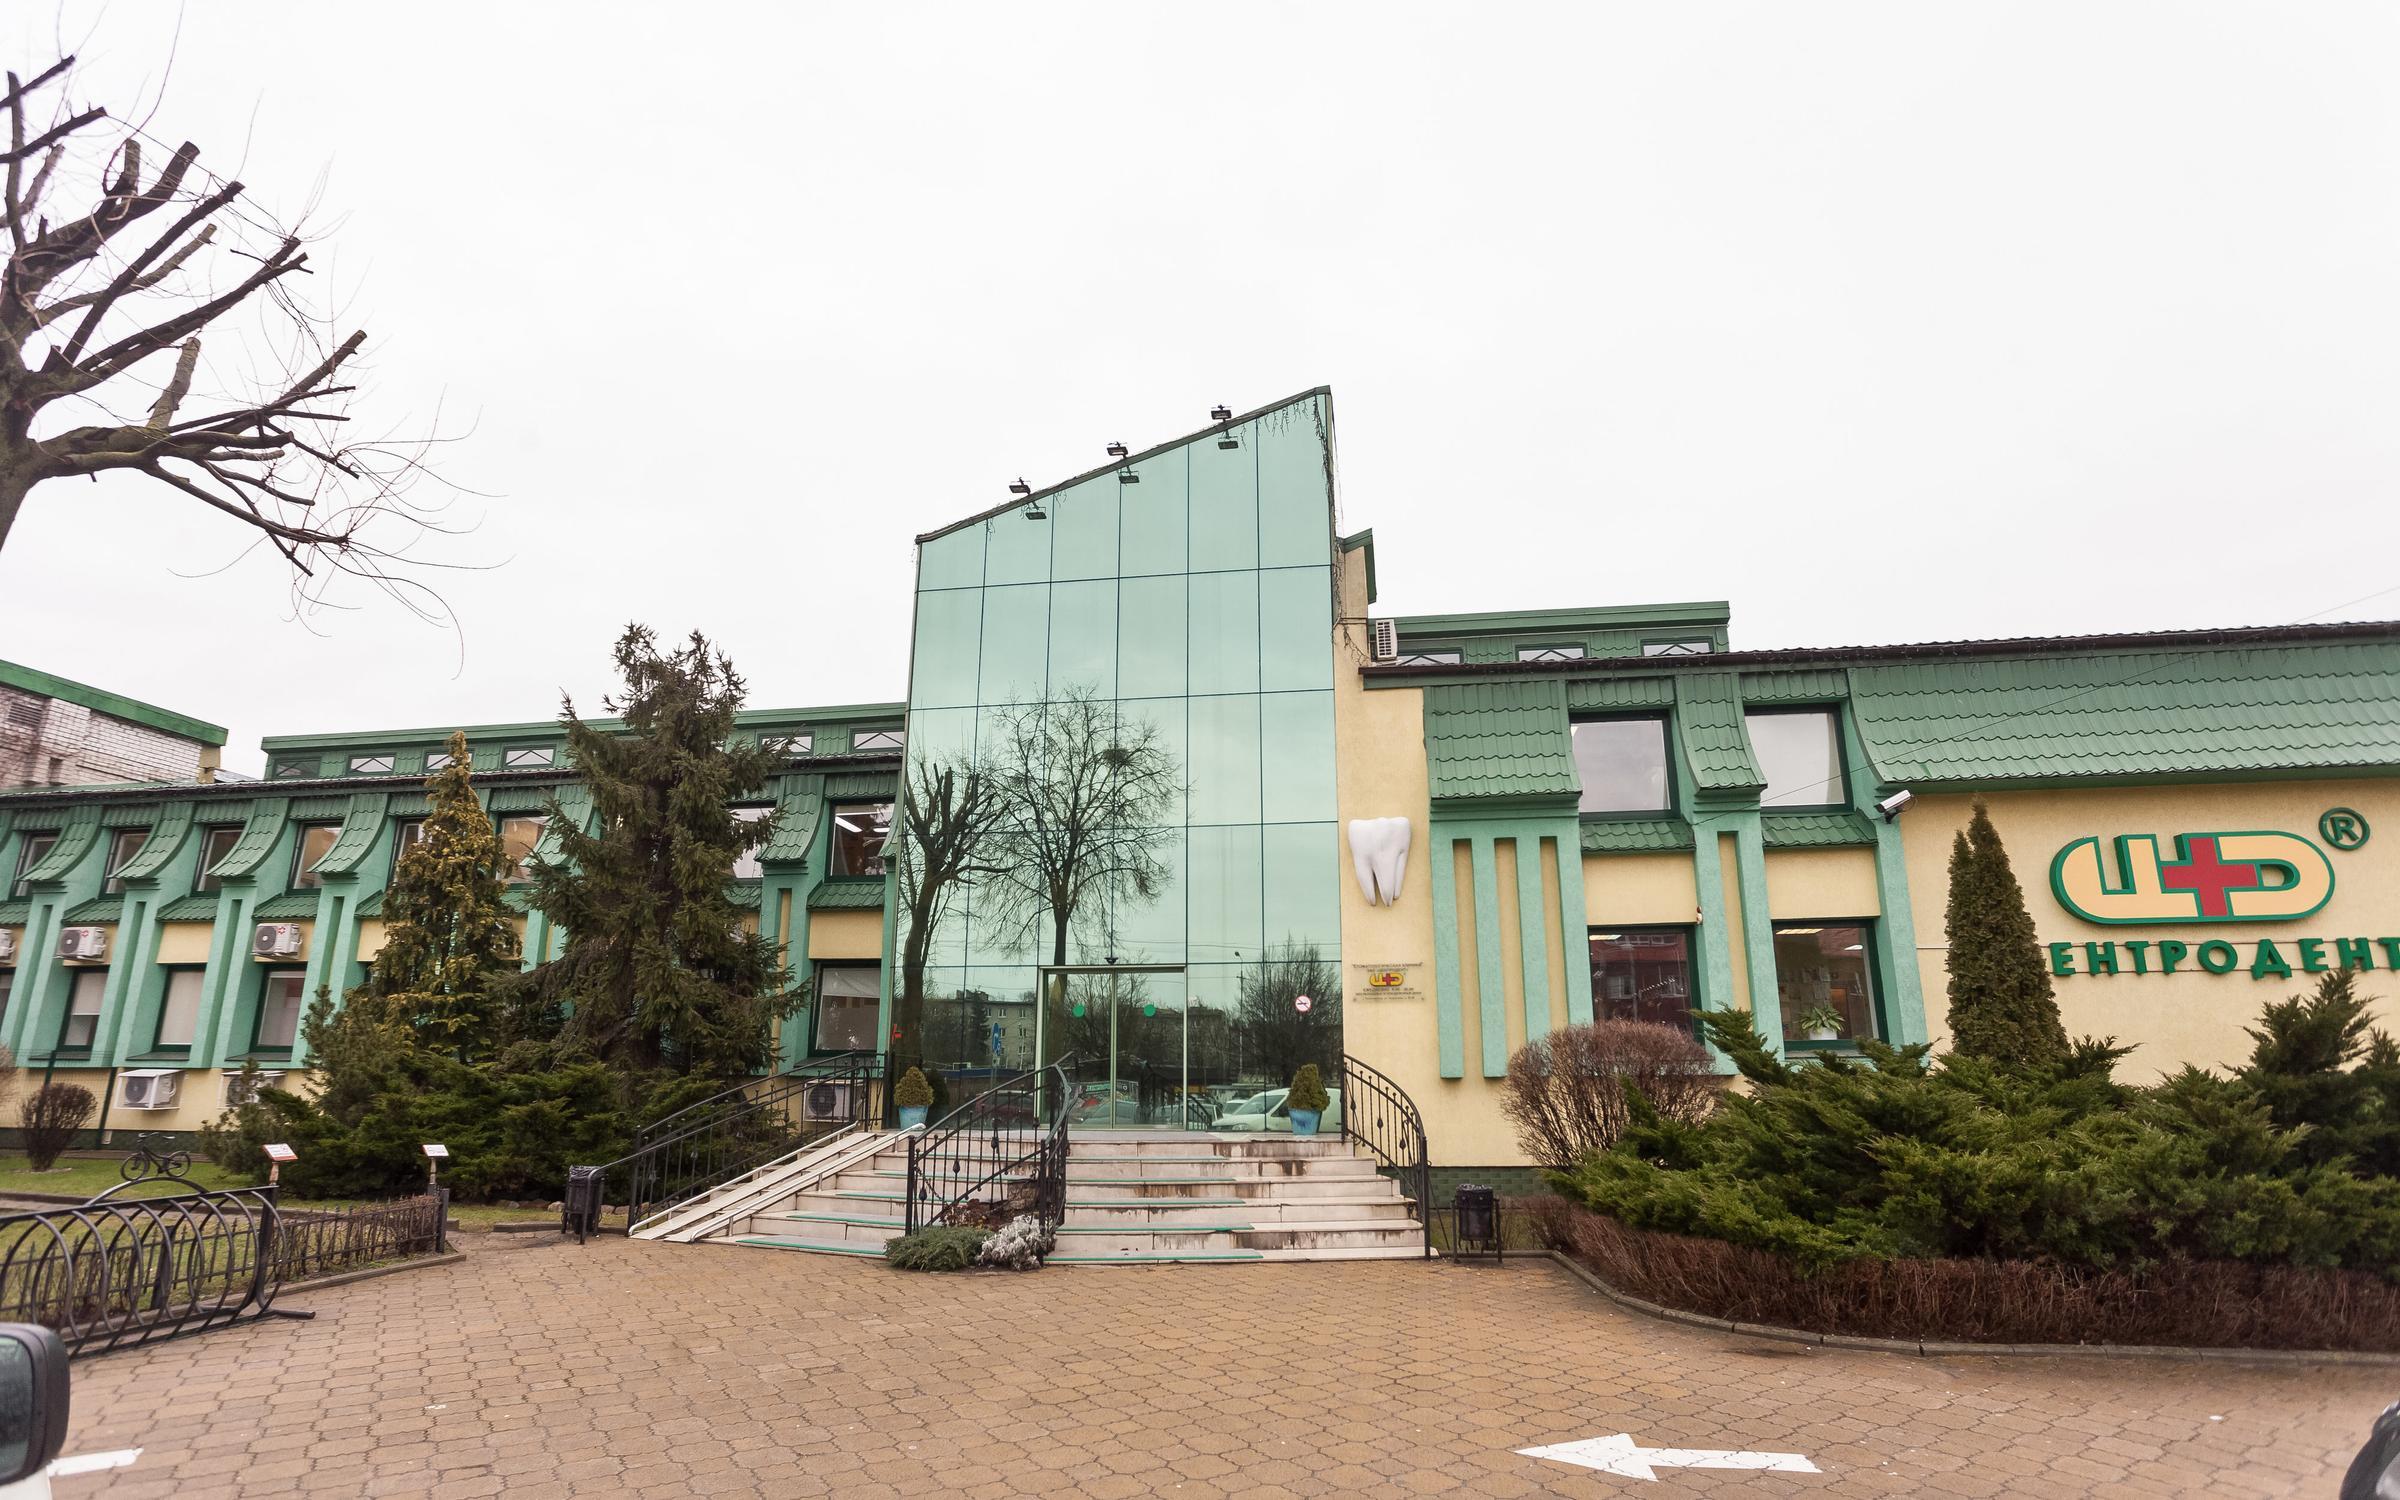 фотография Стоматологии ЦЕНТРОДЕНТ в Центральном районе